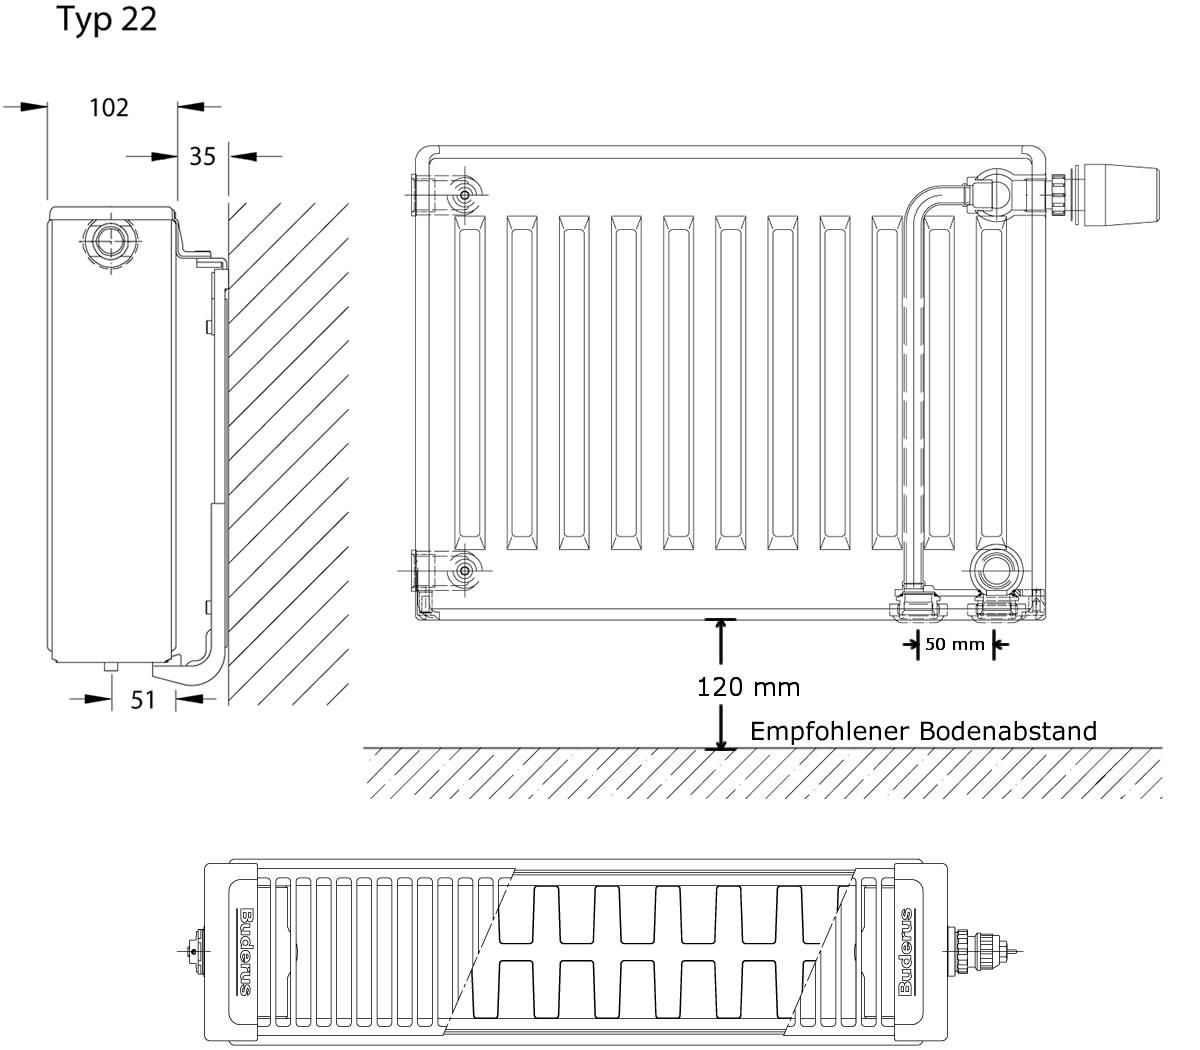 BUDERUS Ventil  Heizkörper Typ 22 H= 600 mm L= 2000 mm